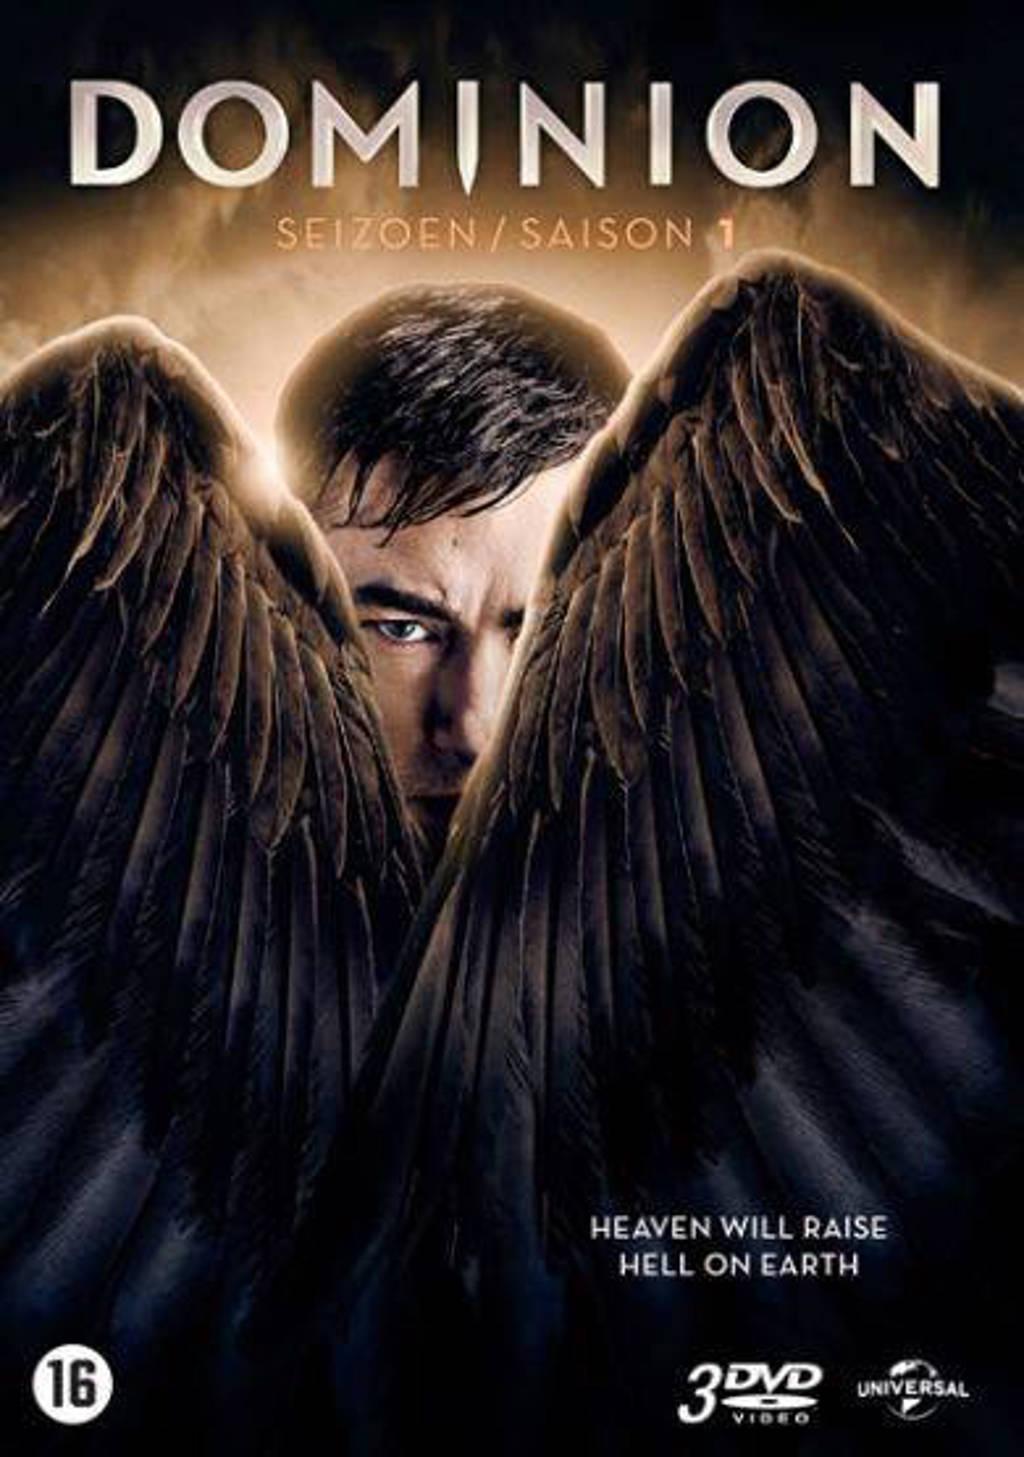 Dominion - Seizoen 1 (DVD)